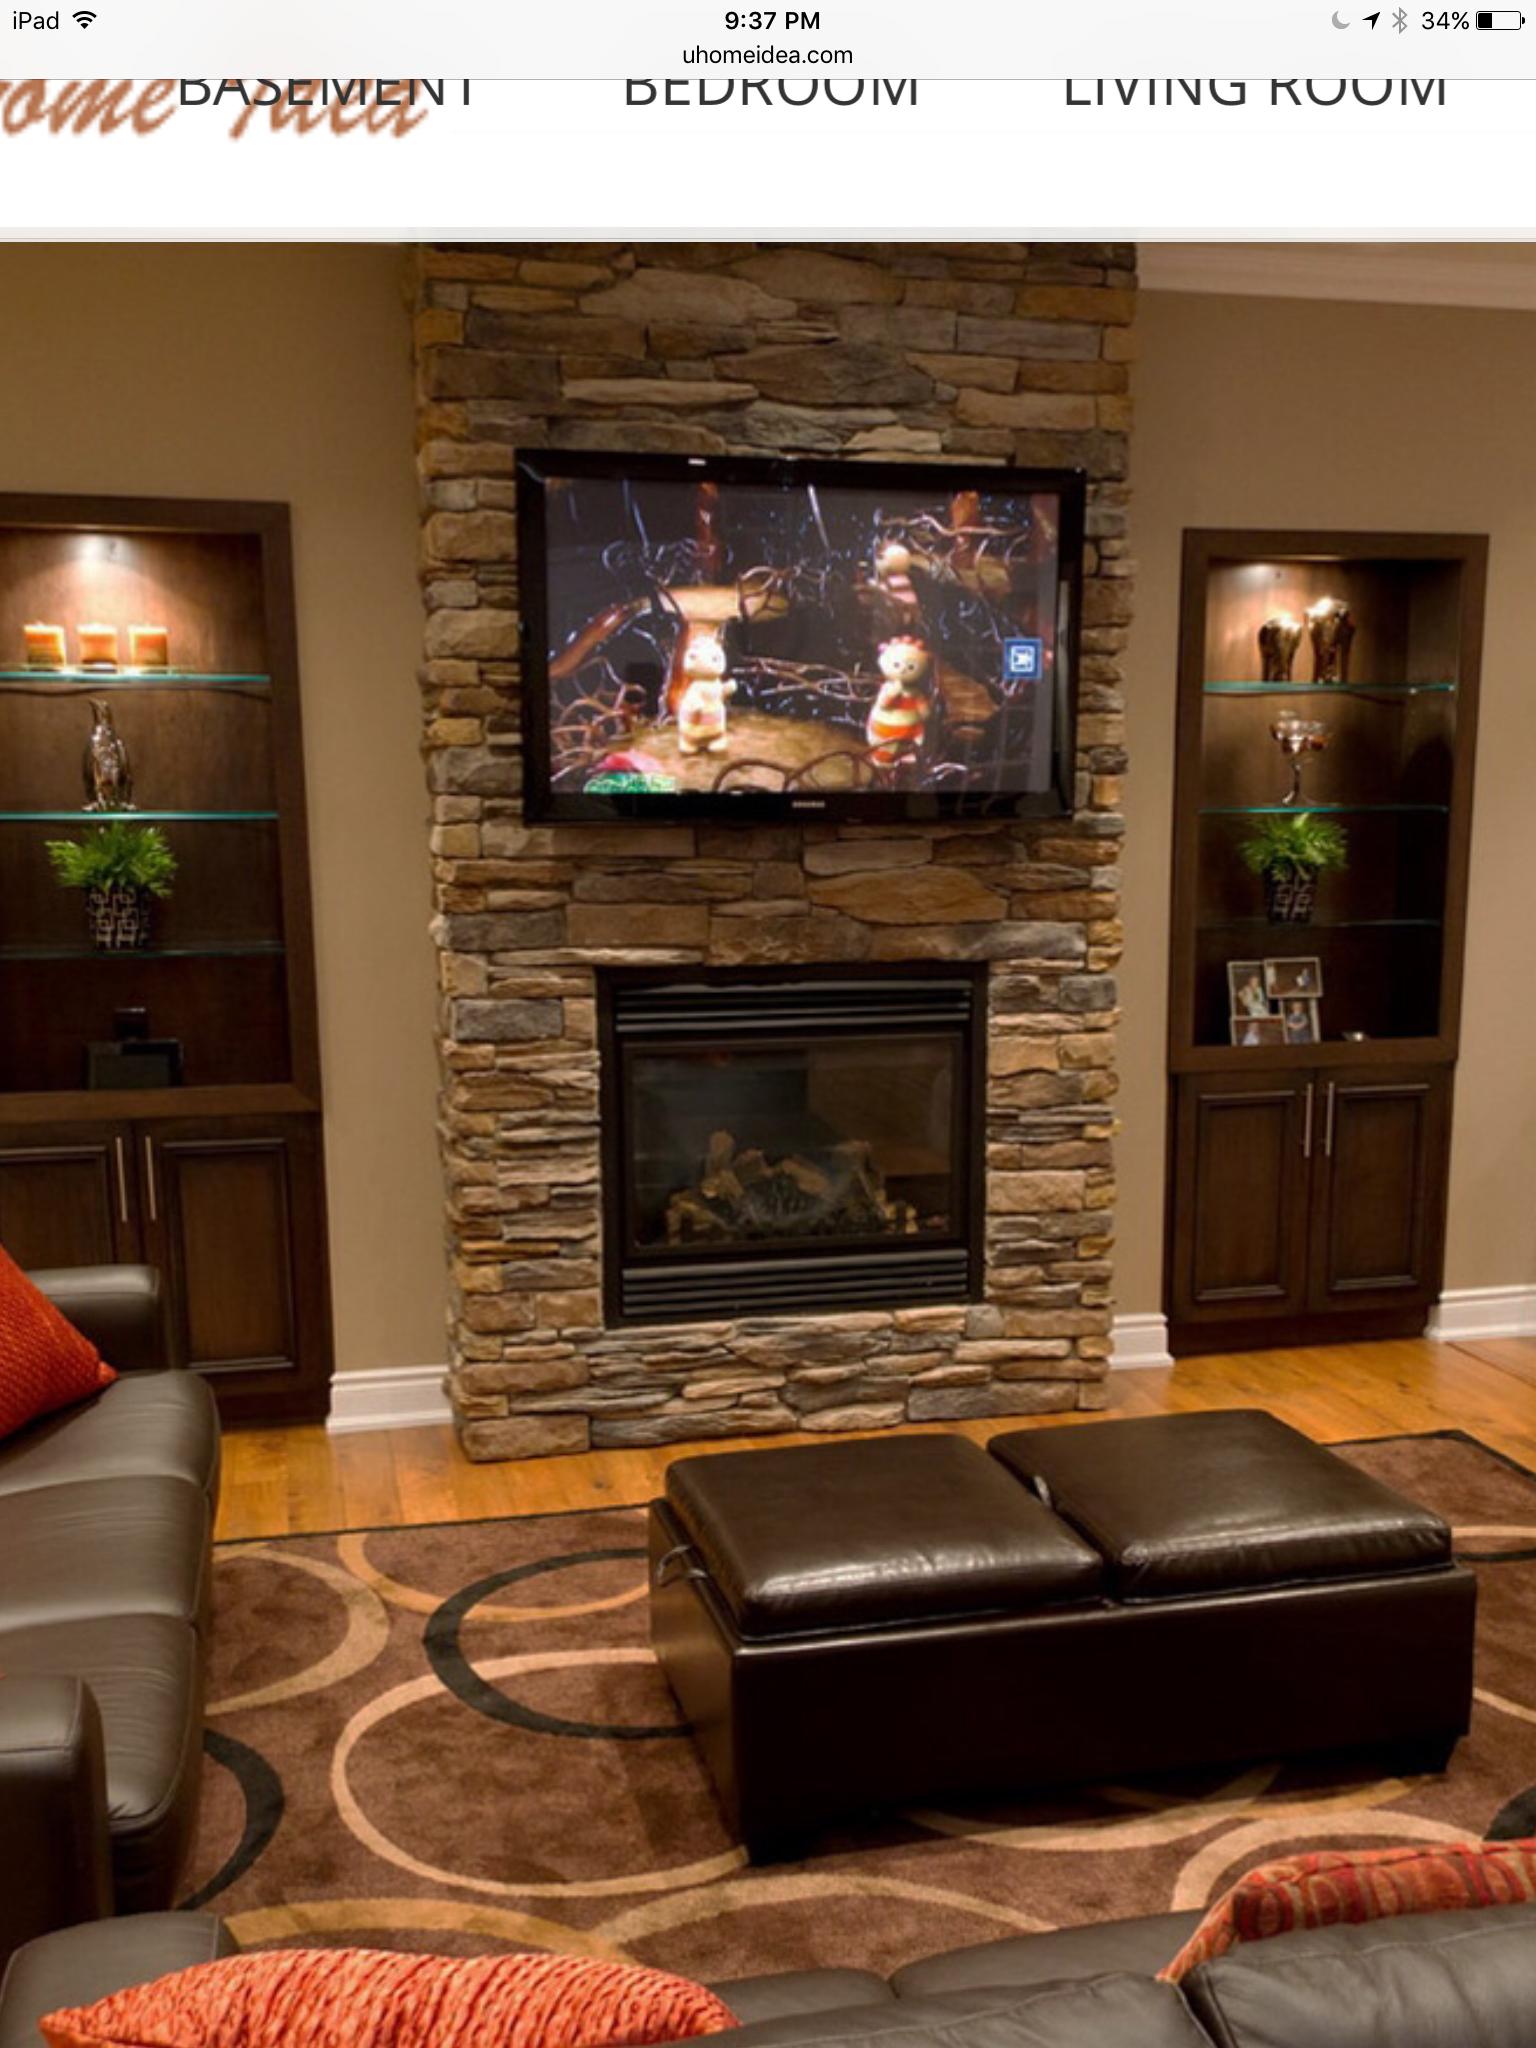 Living Room Tv Setups: Basement Design, Fireplace Design